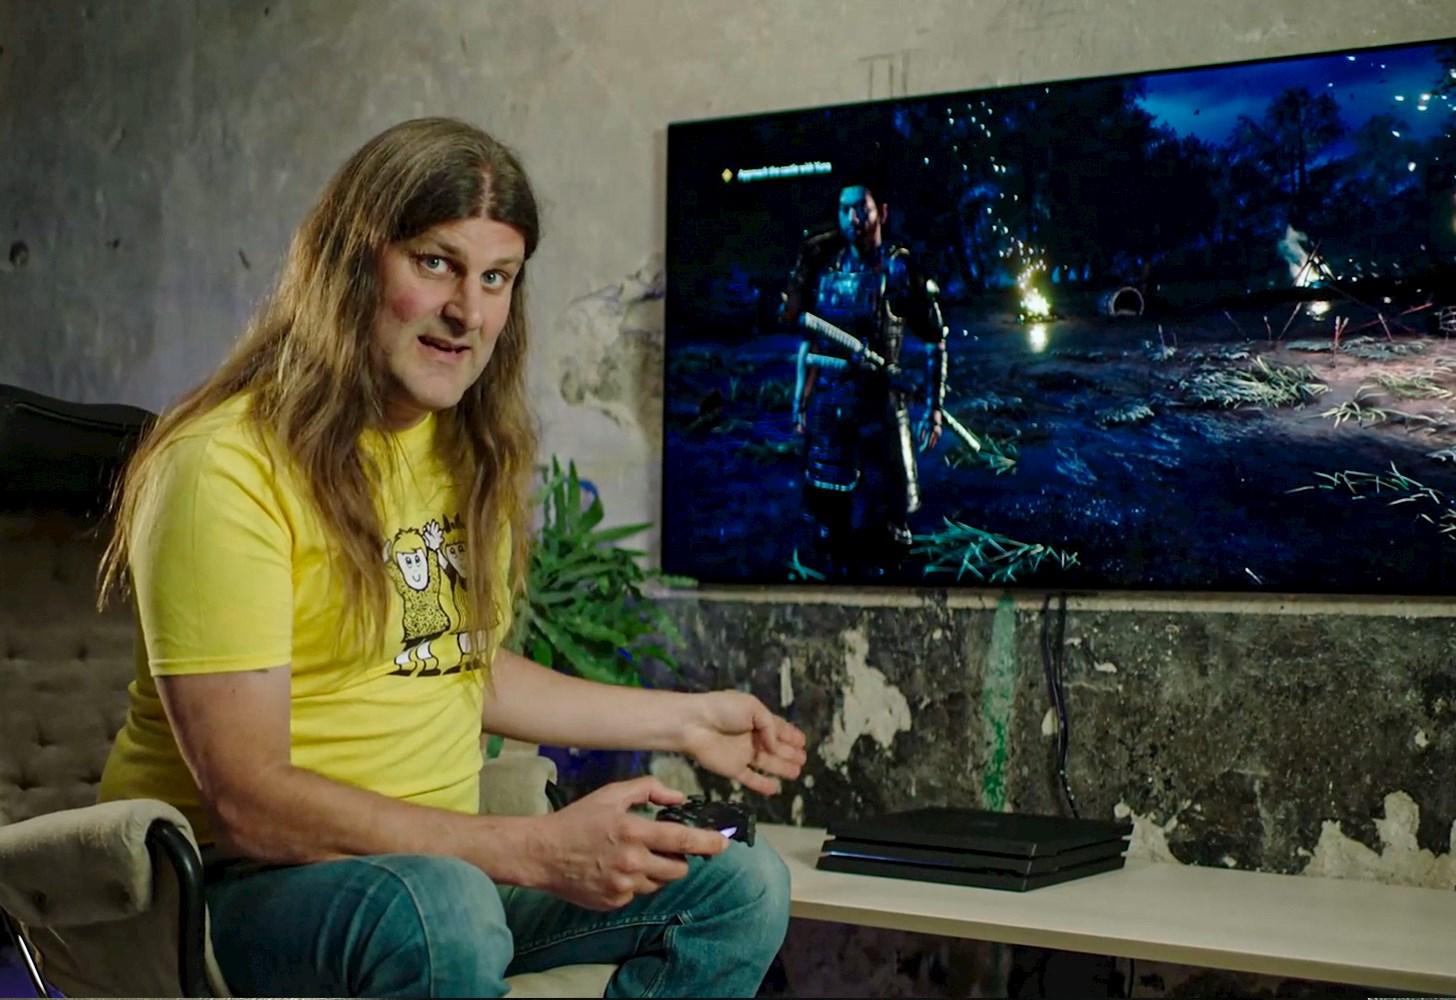 Orvar tester LGs beste TV